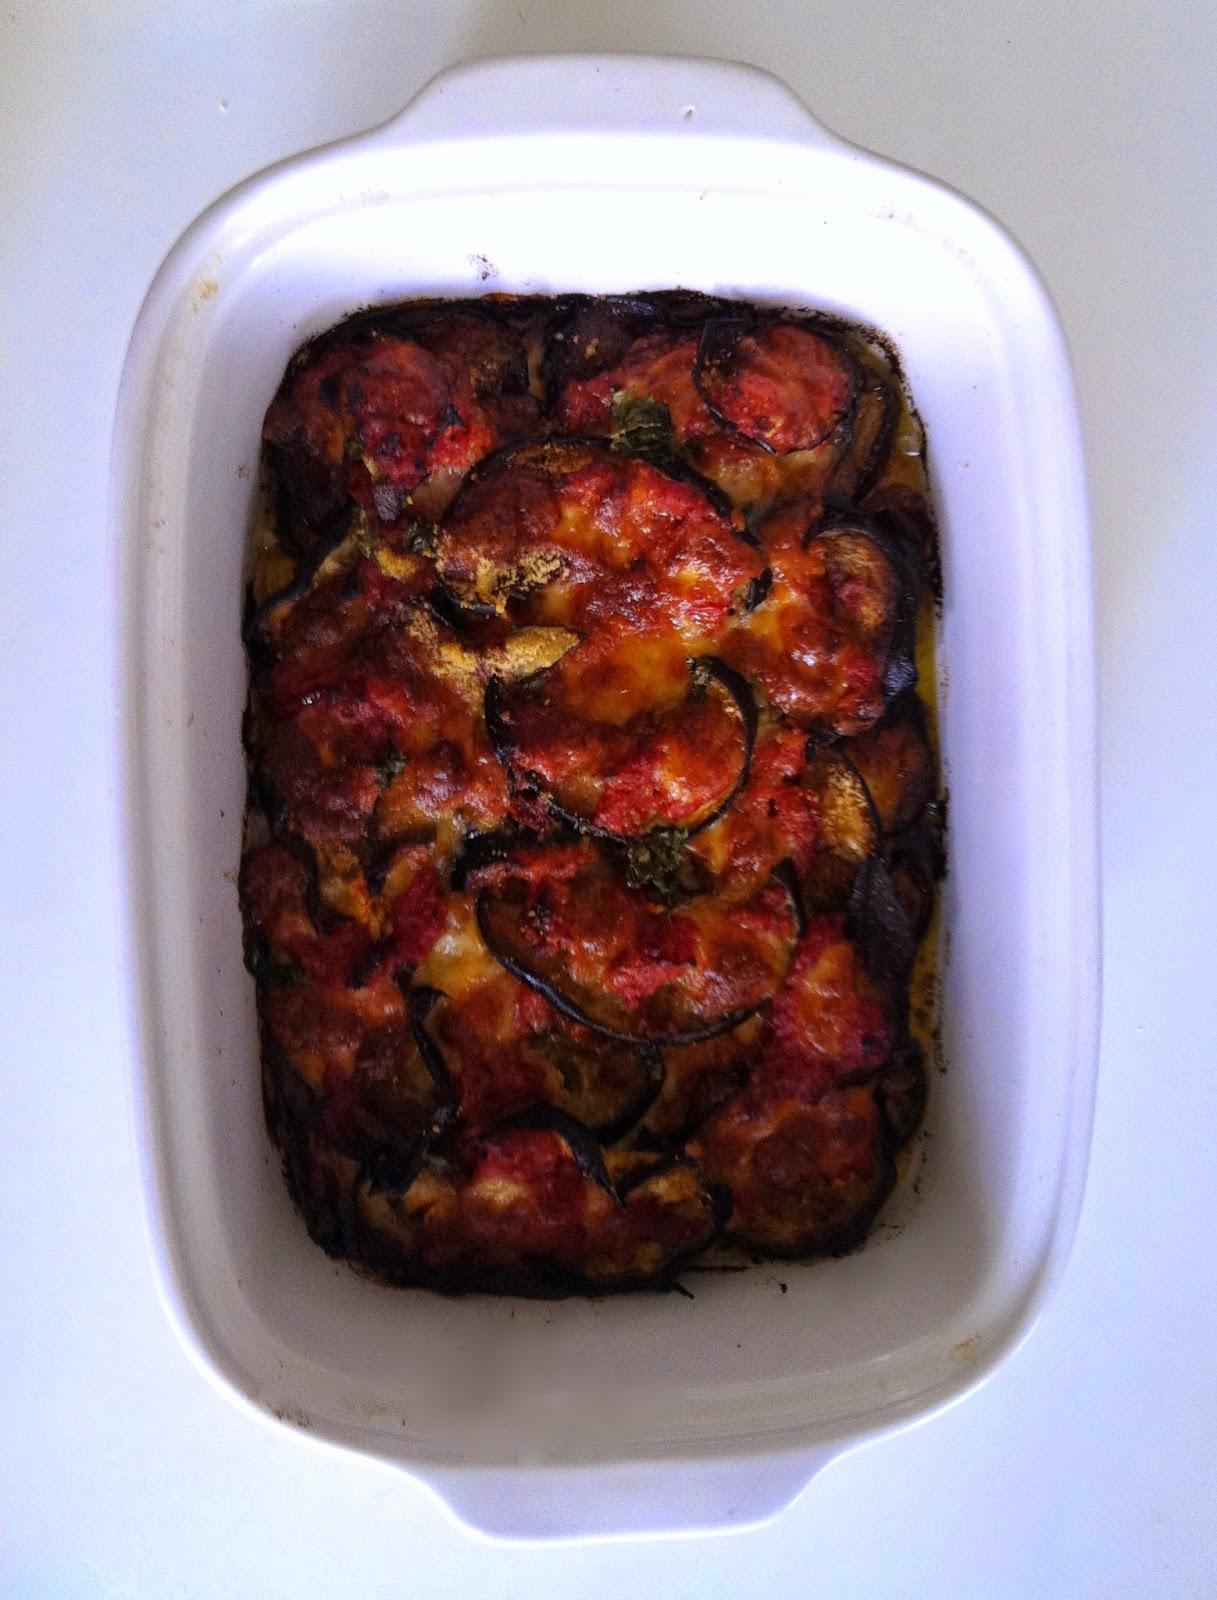 ... Peperoncino: Melanzane alla Parmigiana - Eggplant Parmesan recipe